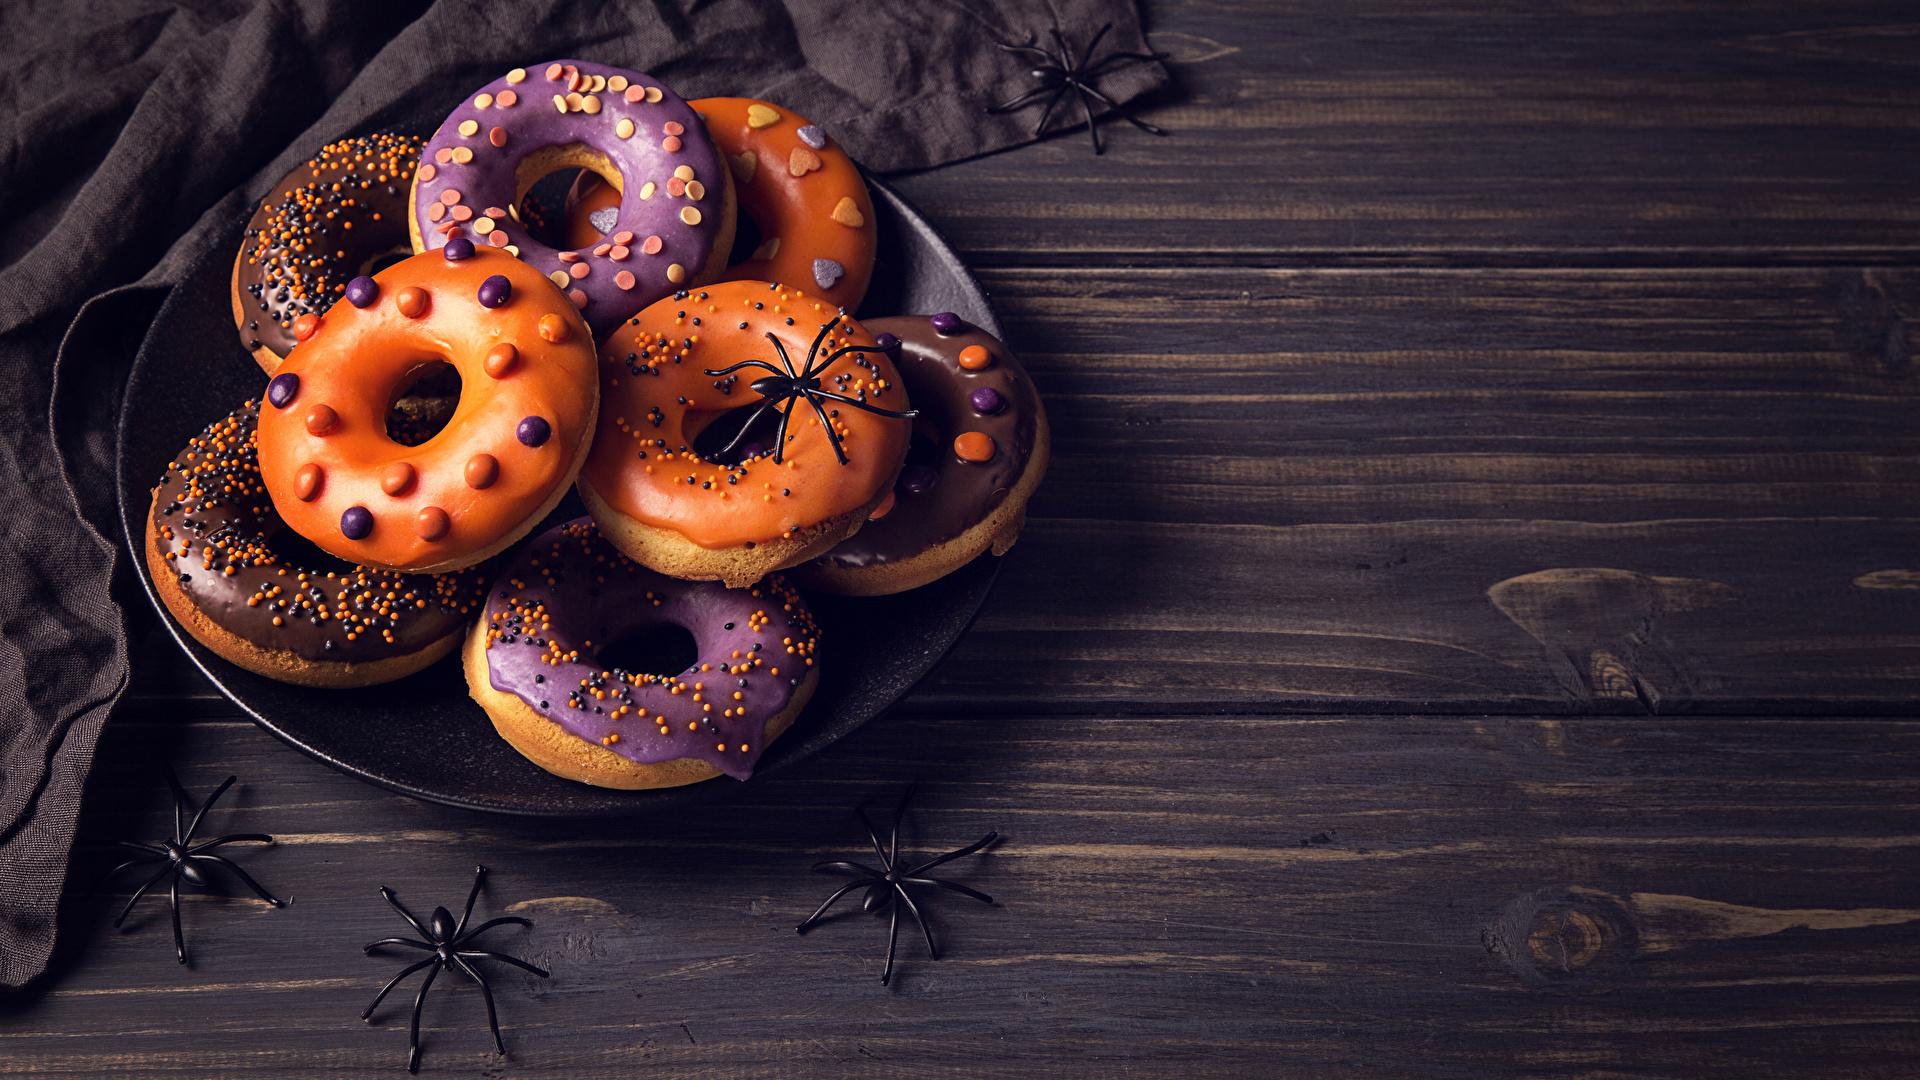 Обои Halloween. Еда foto 12